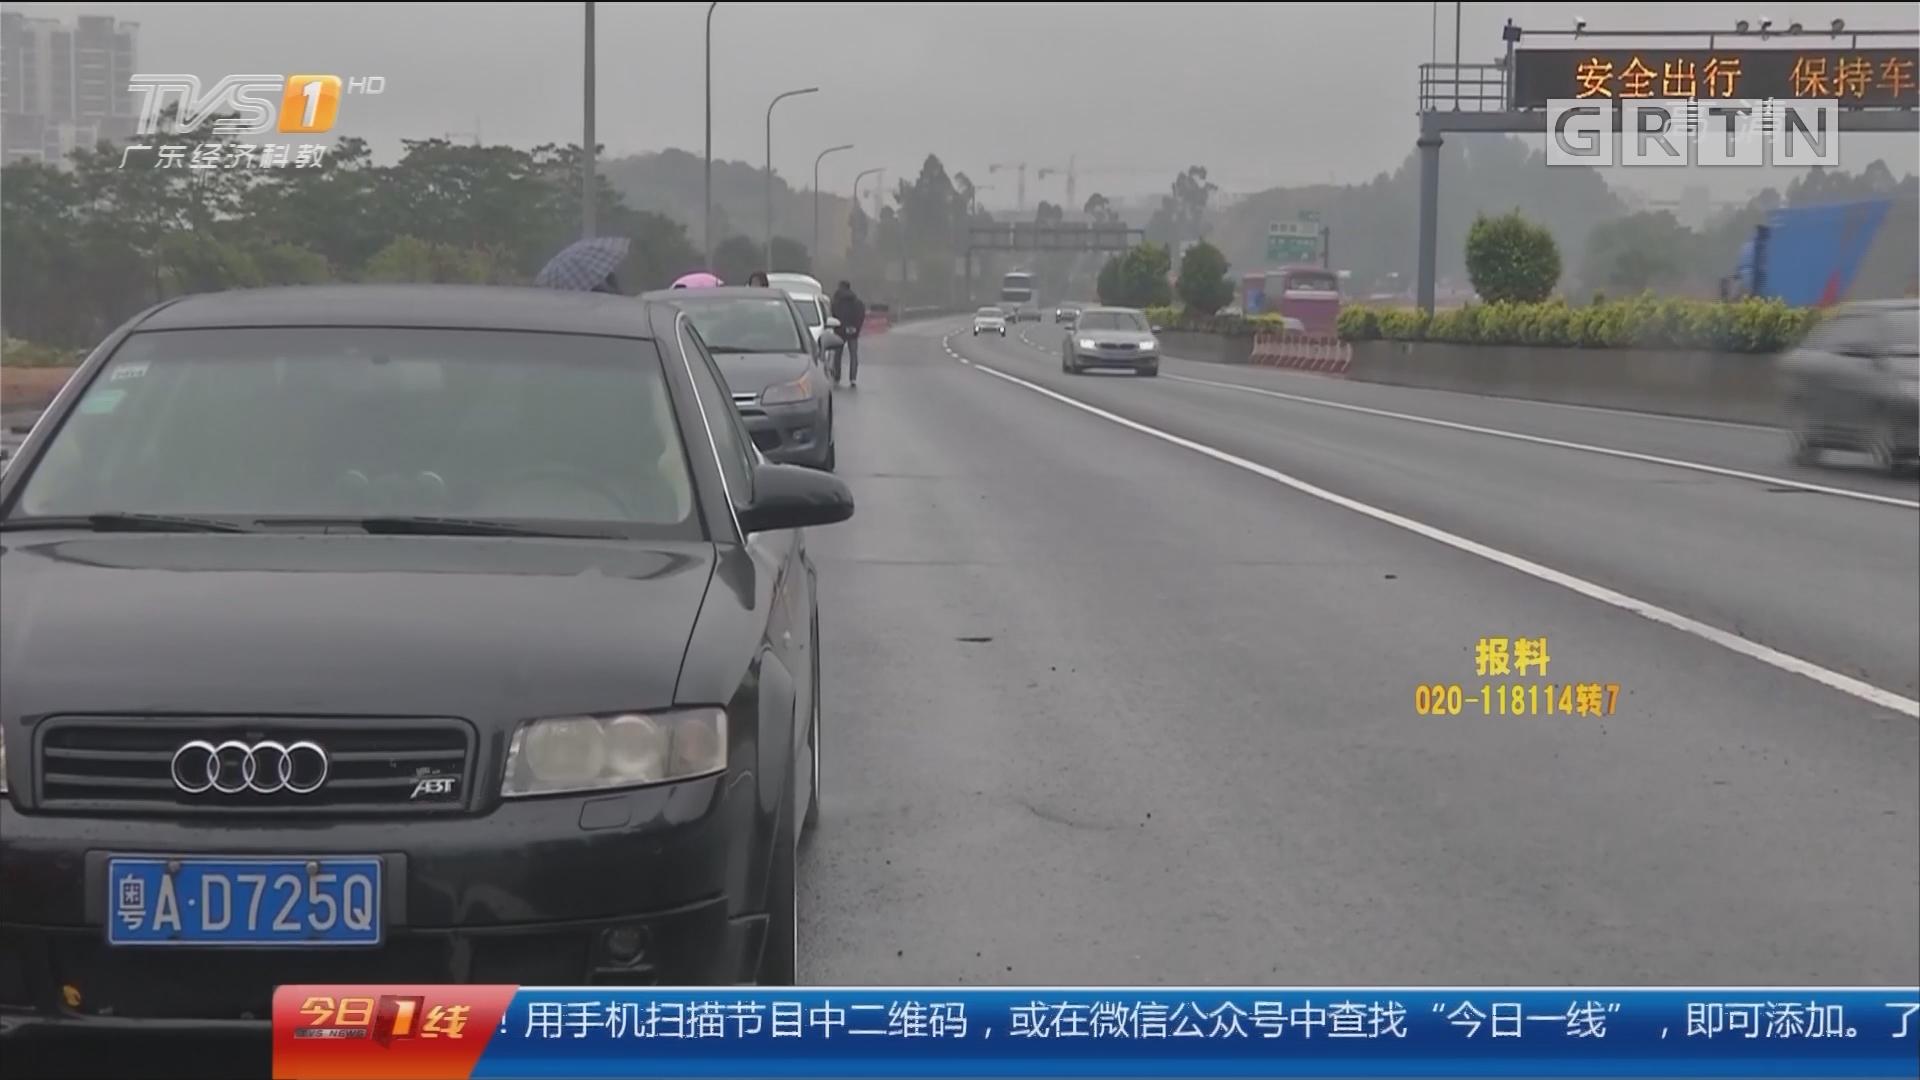 京港澳高速:高速上多车连环爆胎 谁干的?